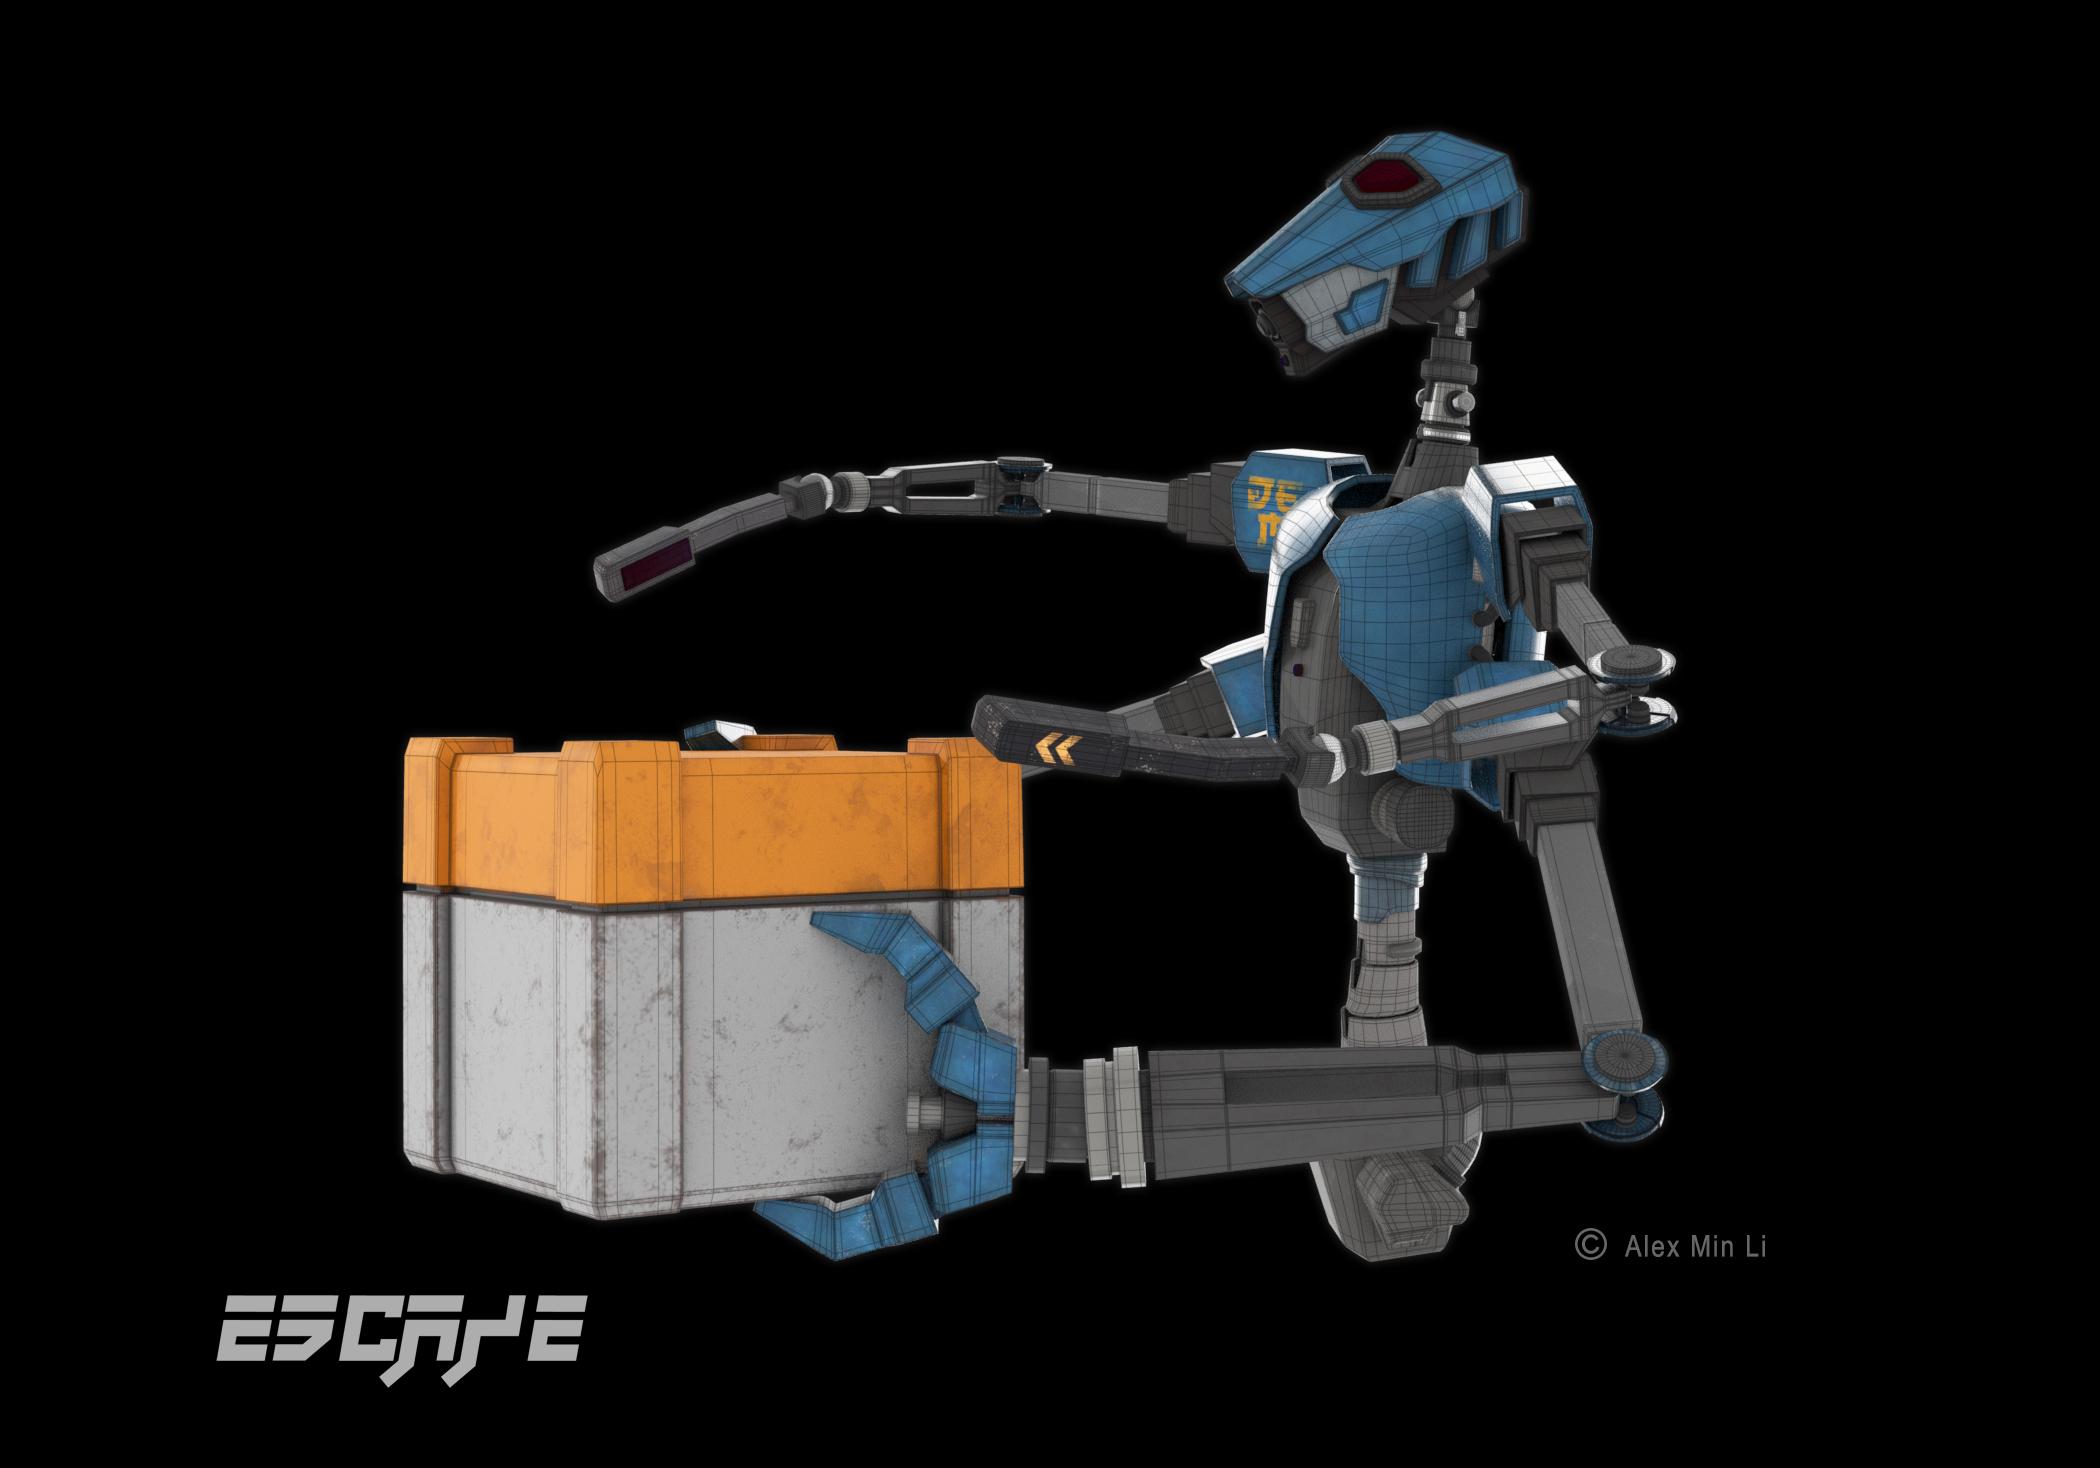 robot_wfr_pose01x